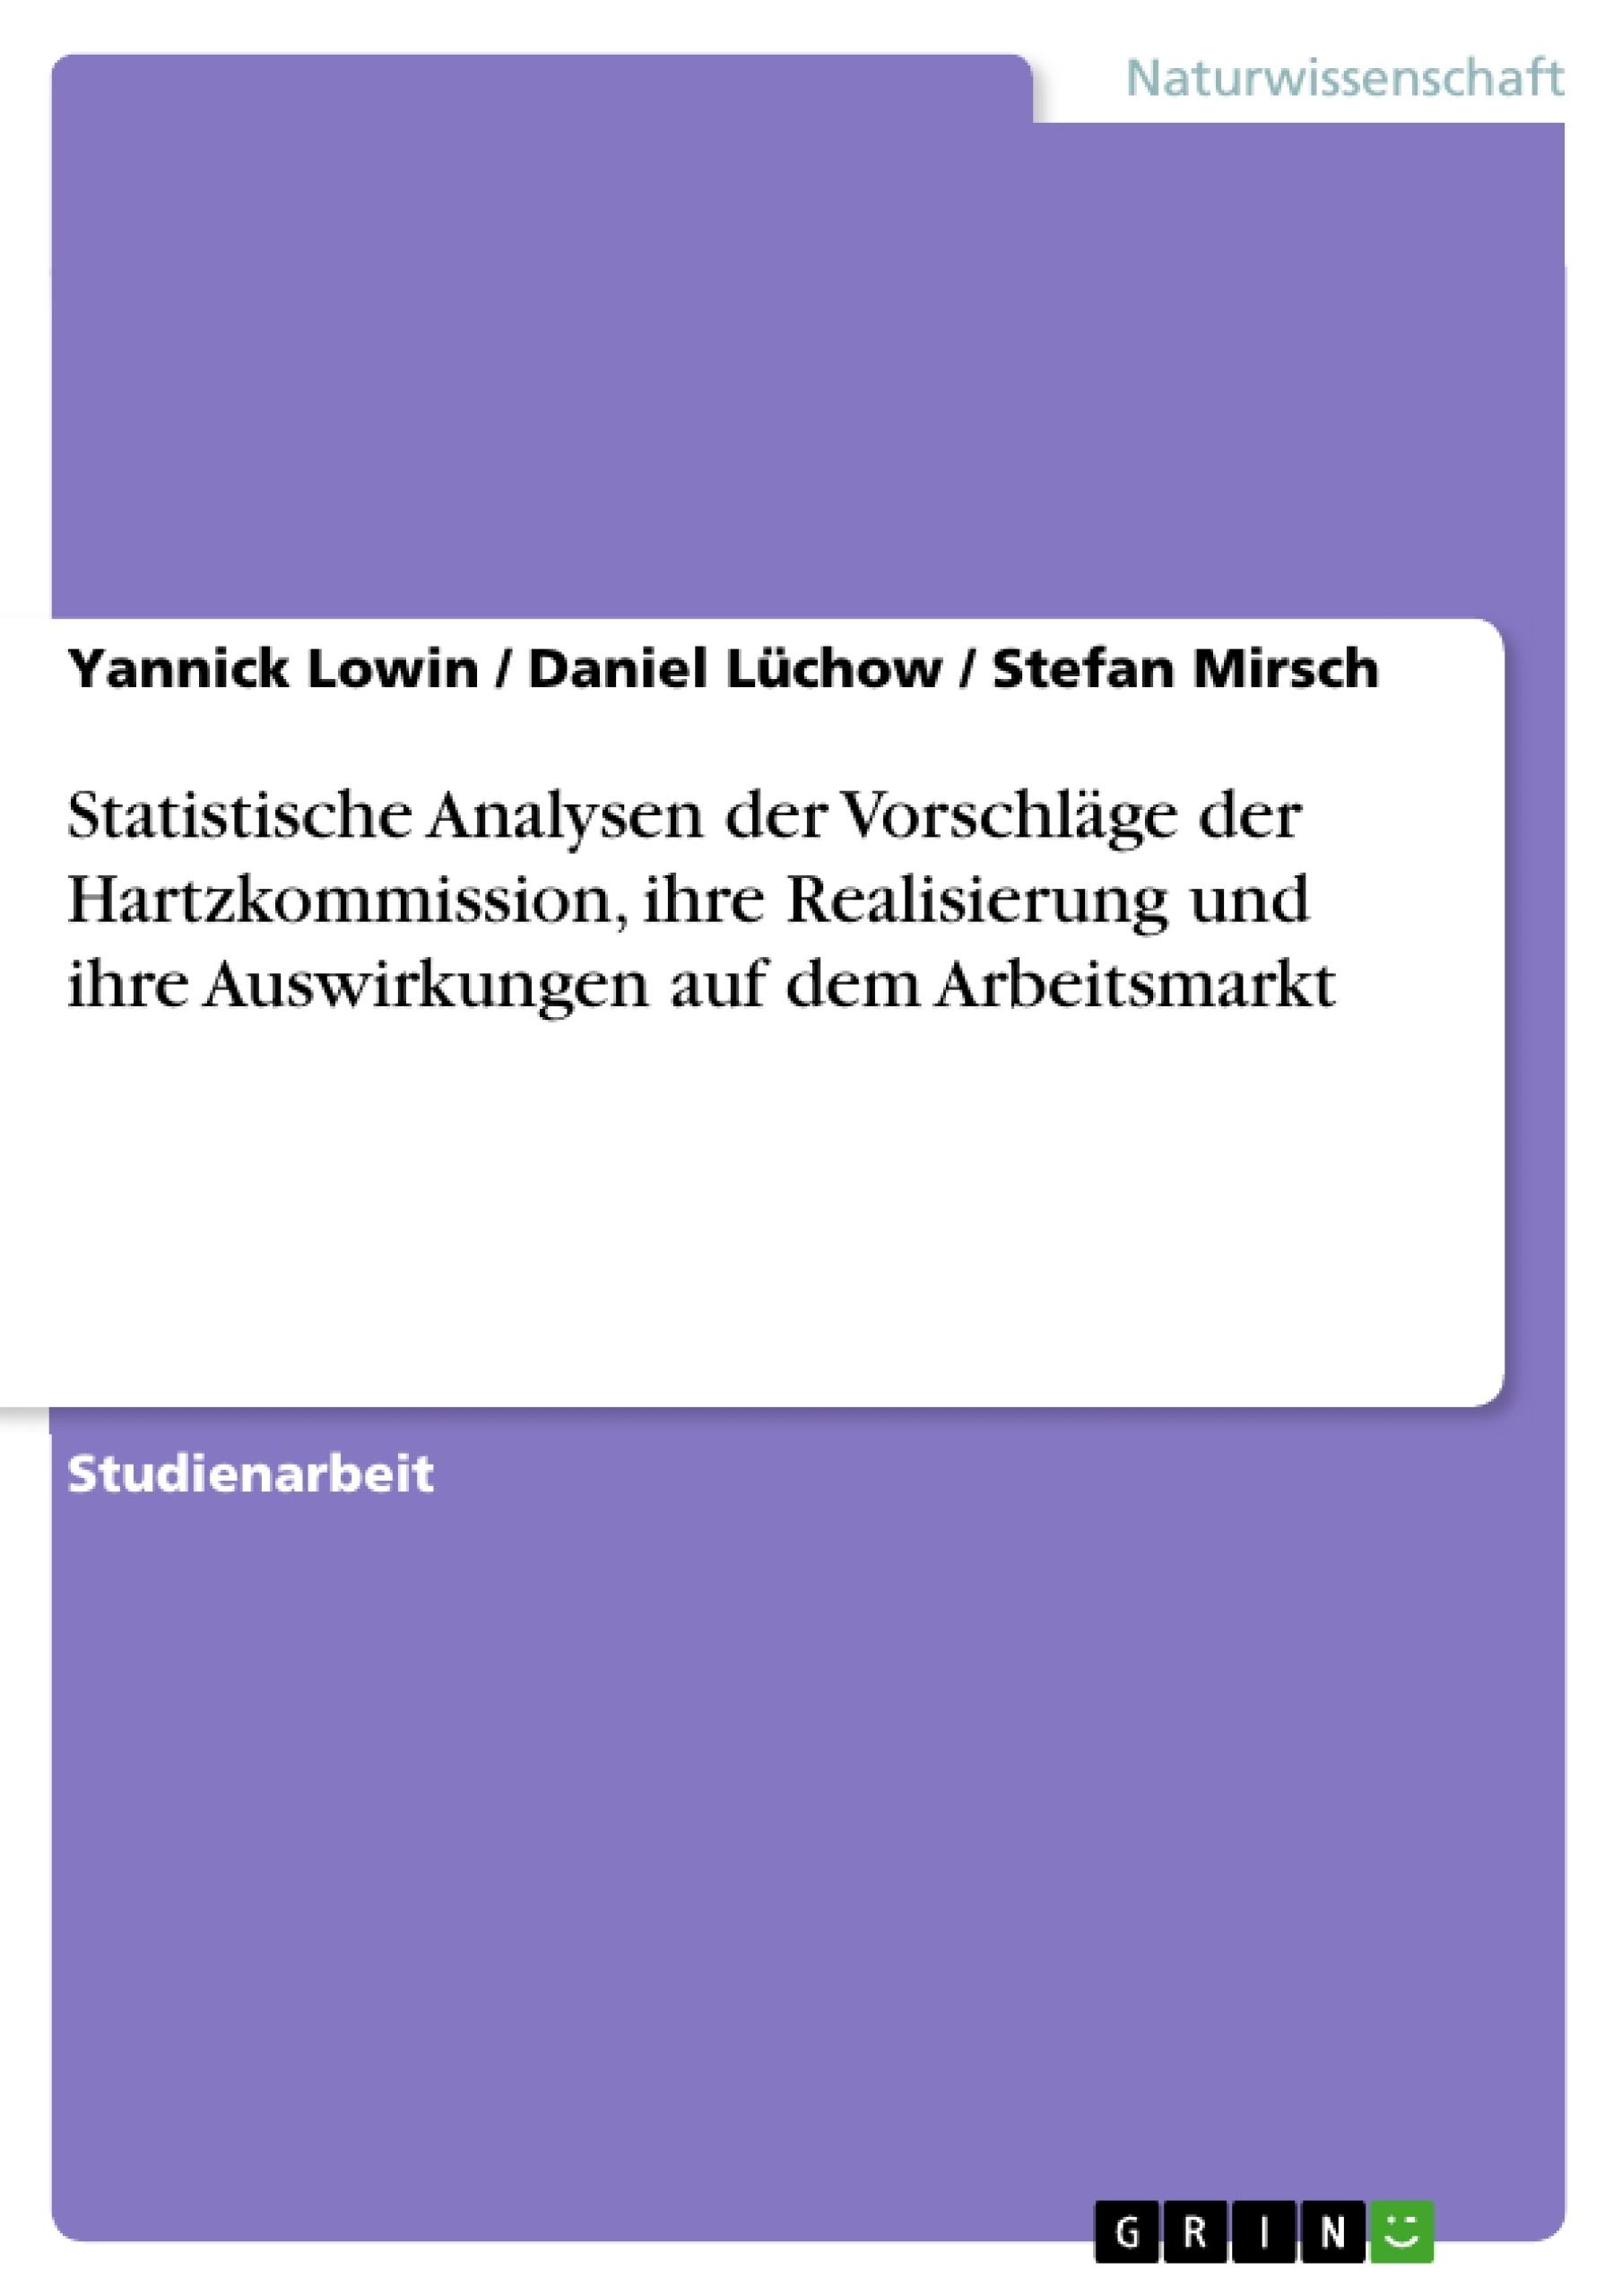 Titel: Statistische Analysen der Vorschläge der Hartzkommission, ihre Realisierung und ihre  Auswirkungen auf dem Arbeitsmarkt